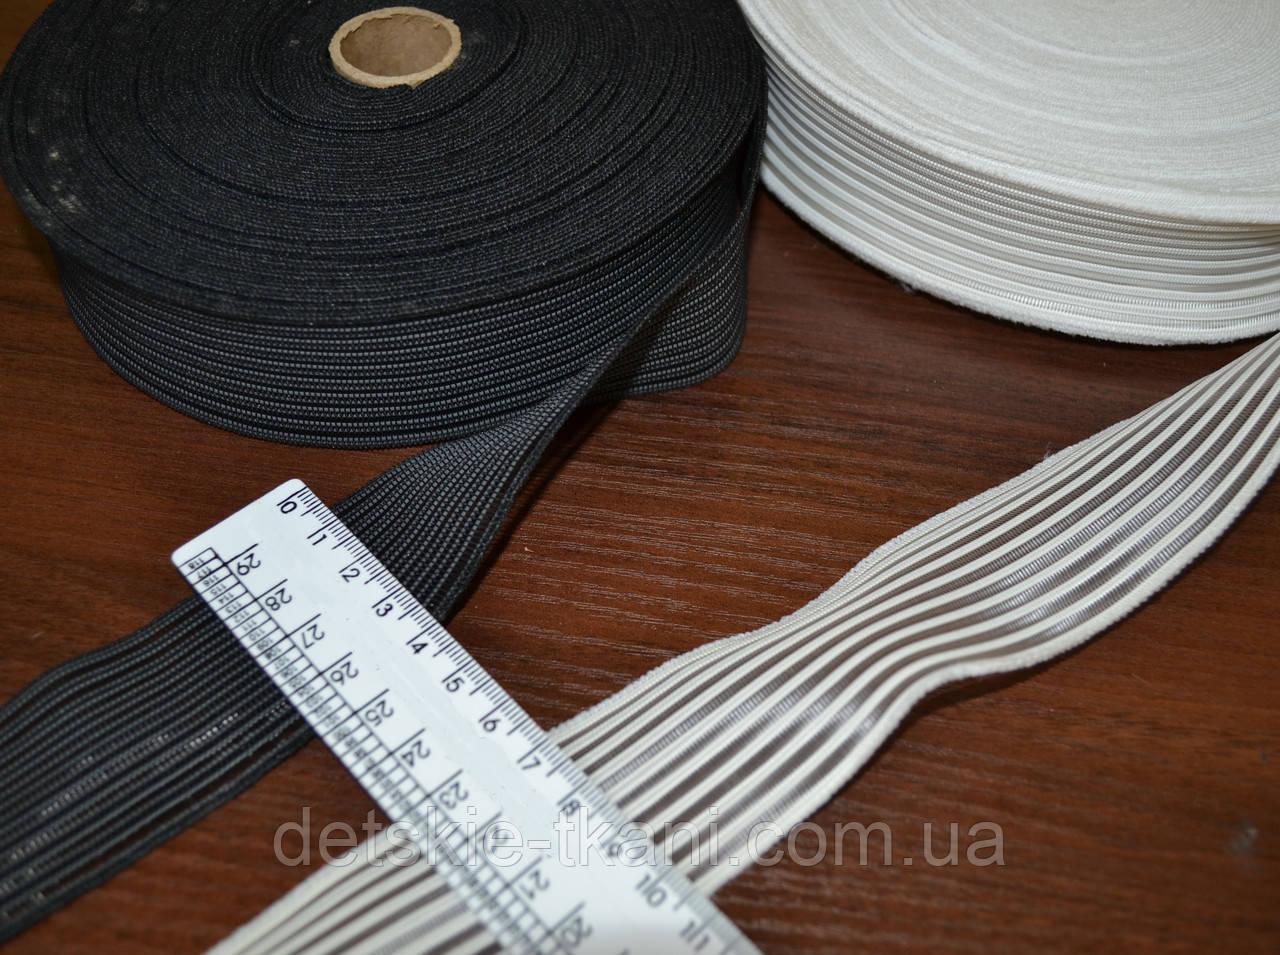 Резинка жилковая на основе текстильной лески, белая, ширина 30 мм.